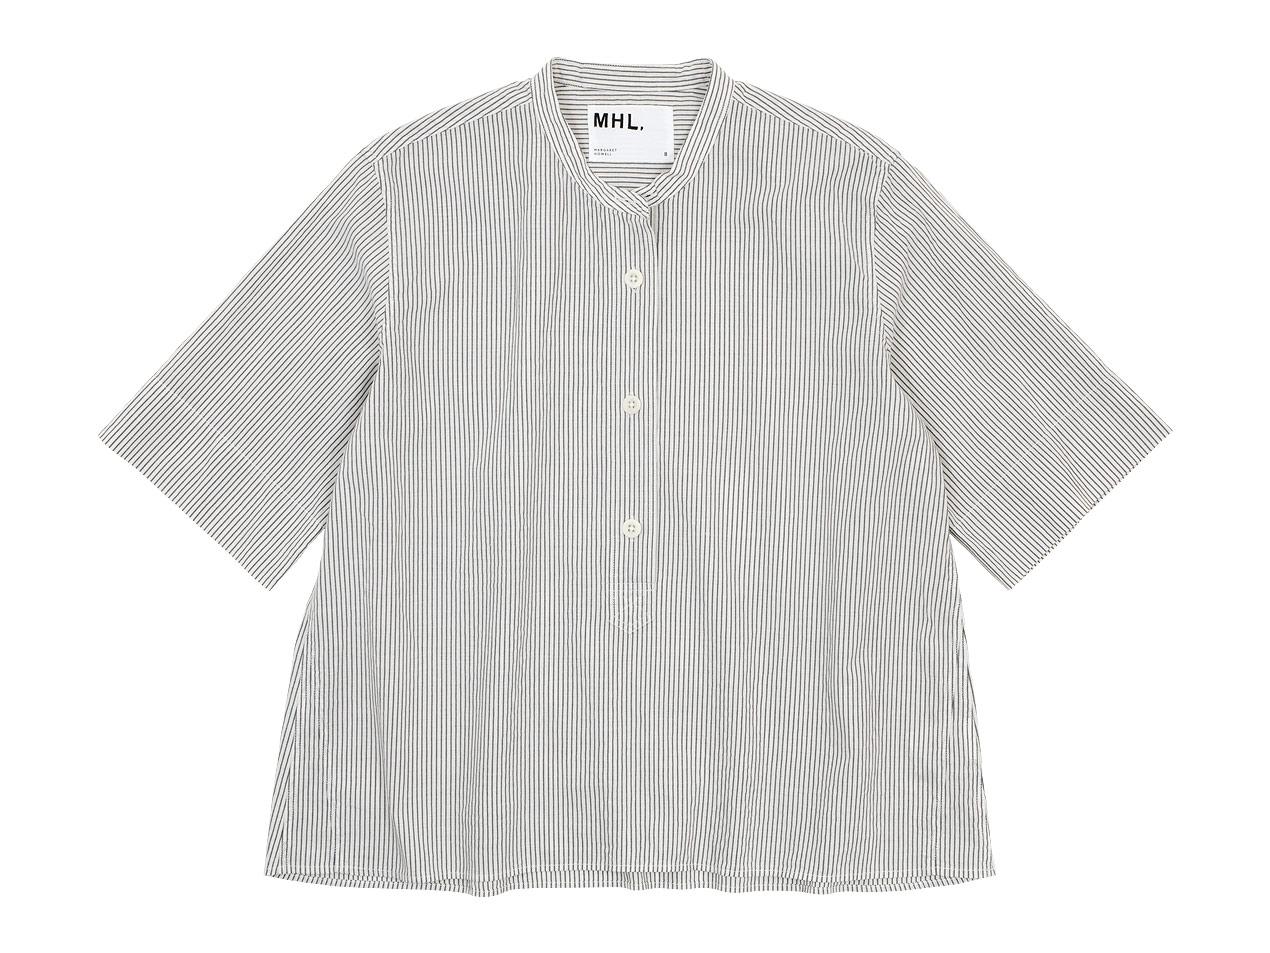 MHL. 半袖シャツなど夏のアイテムが入荷しました。